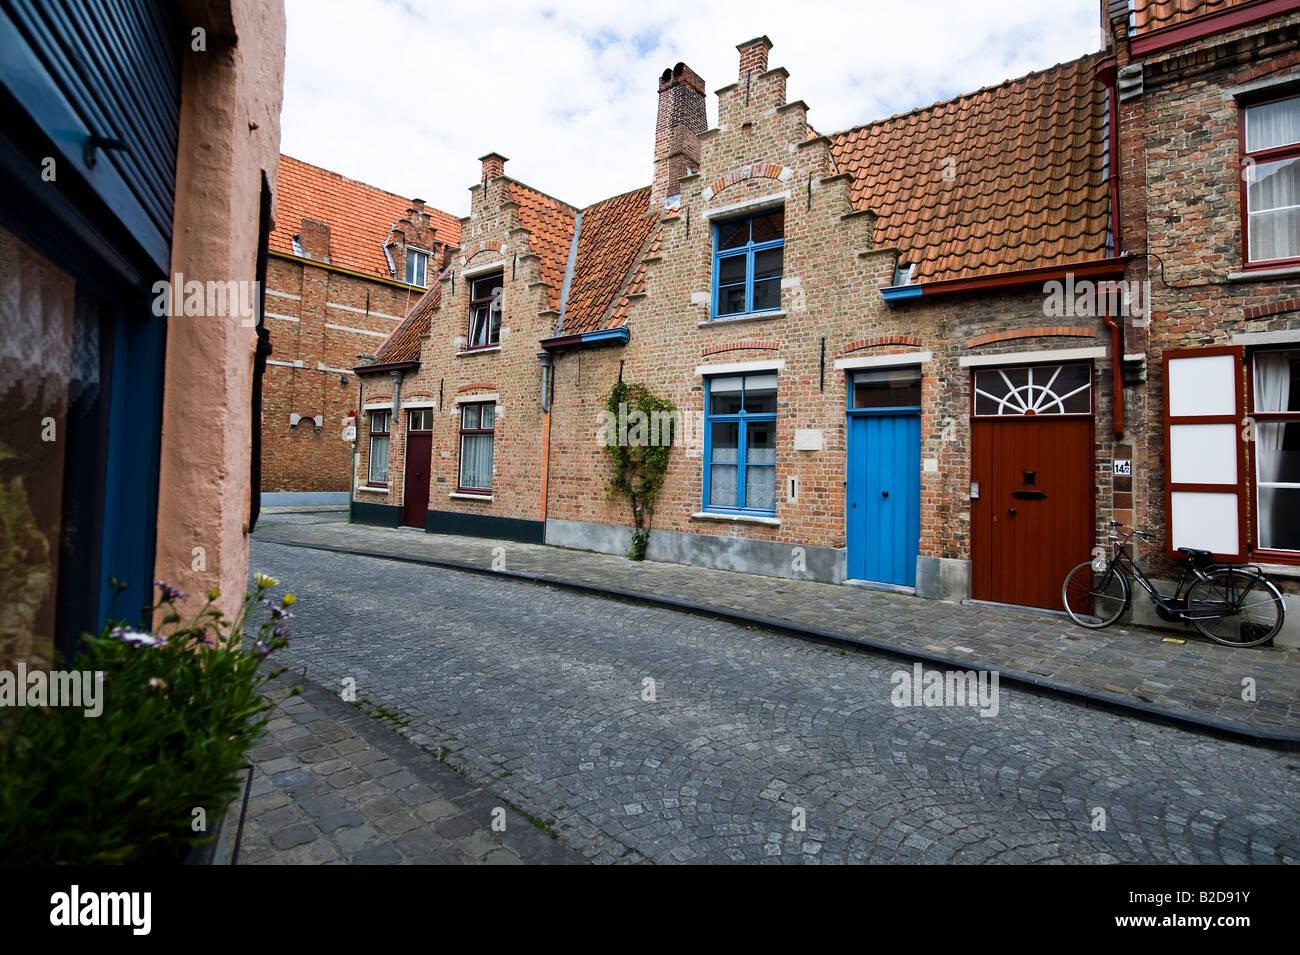 Typischen Treppengiebel-Häusern in einer Straße im inneren Brügge ...